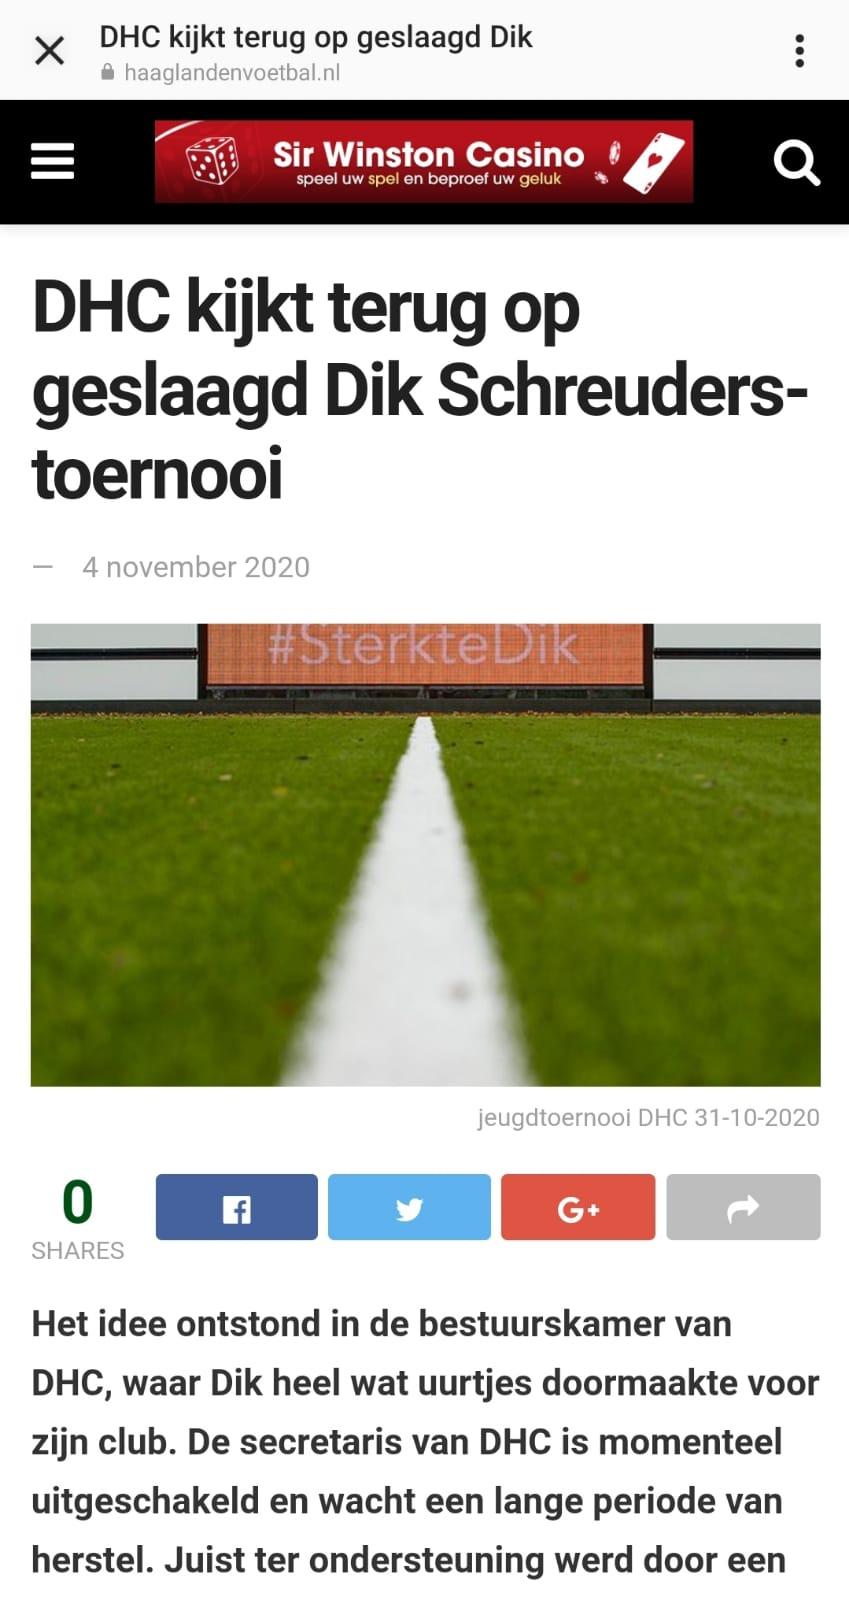 Haaglandenvoetbal.nl verteld over het Dik Schreuders toernooi 2020 bij DHC in Delft.